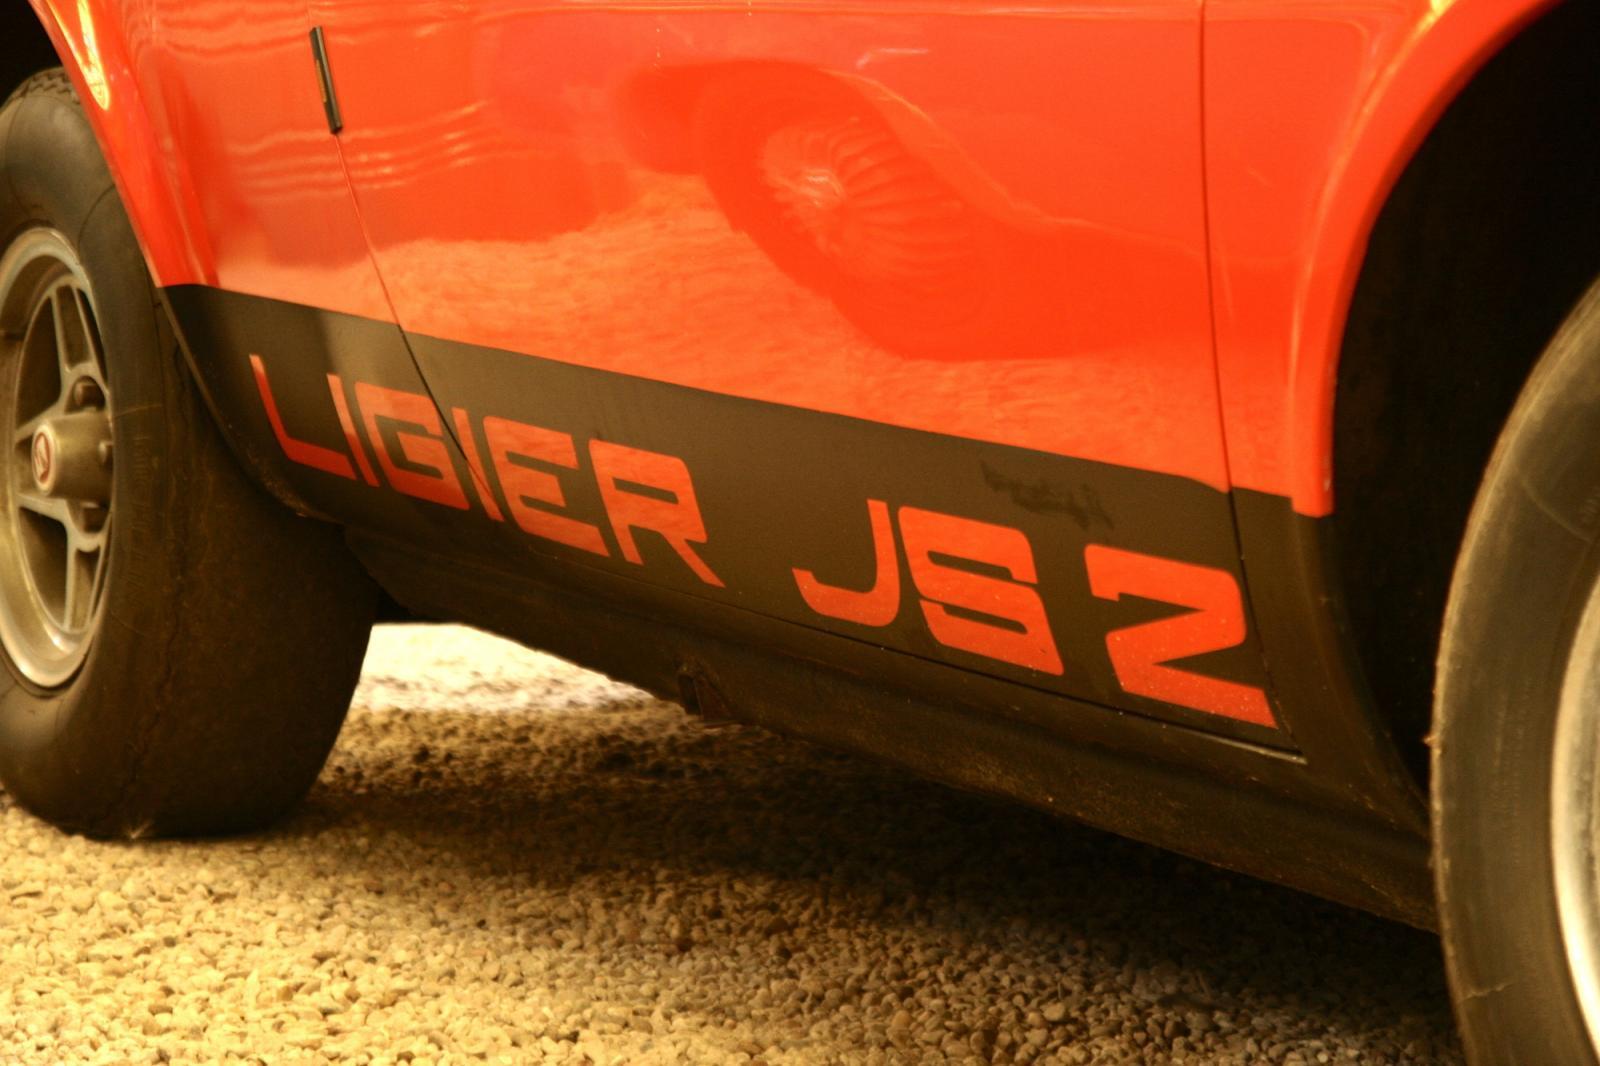 ligier-js2-v6-2L9-6